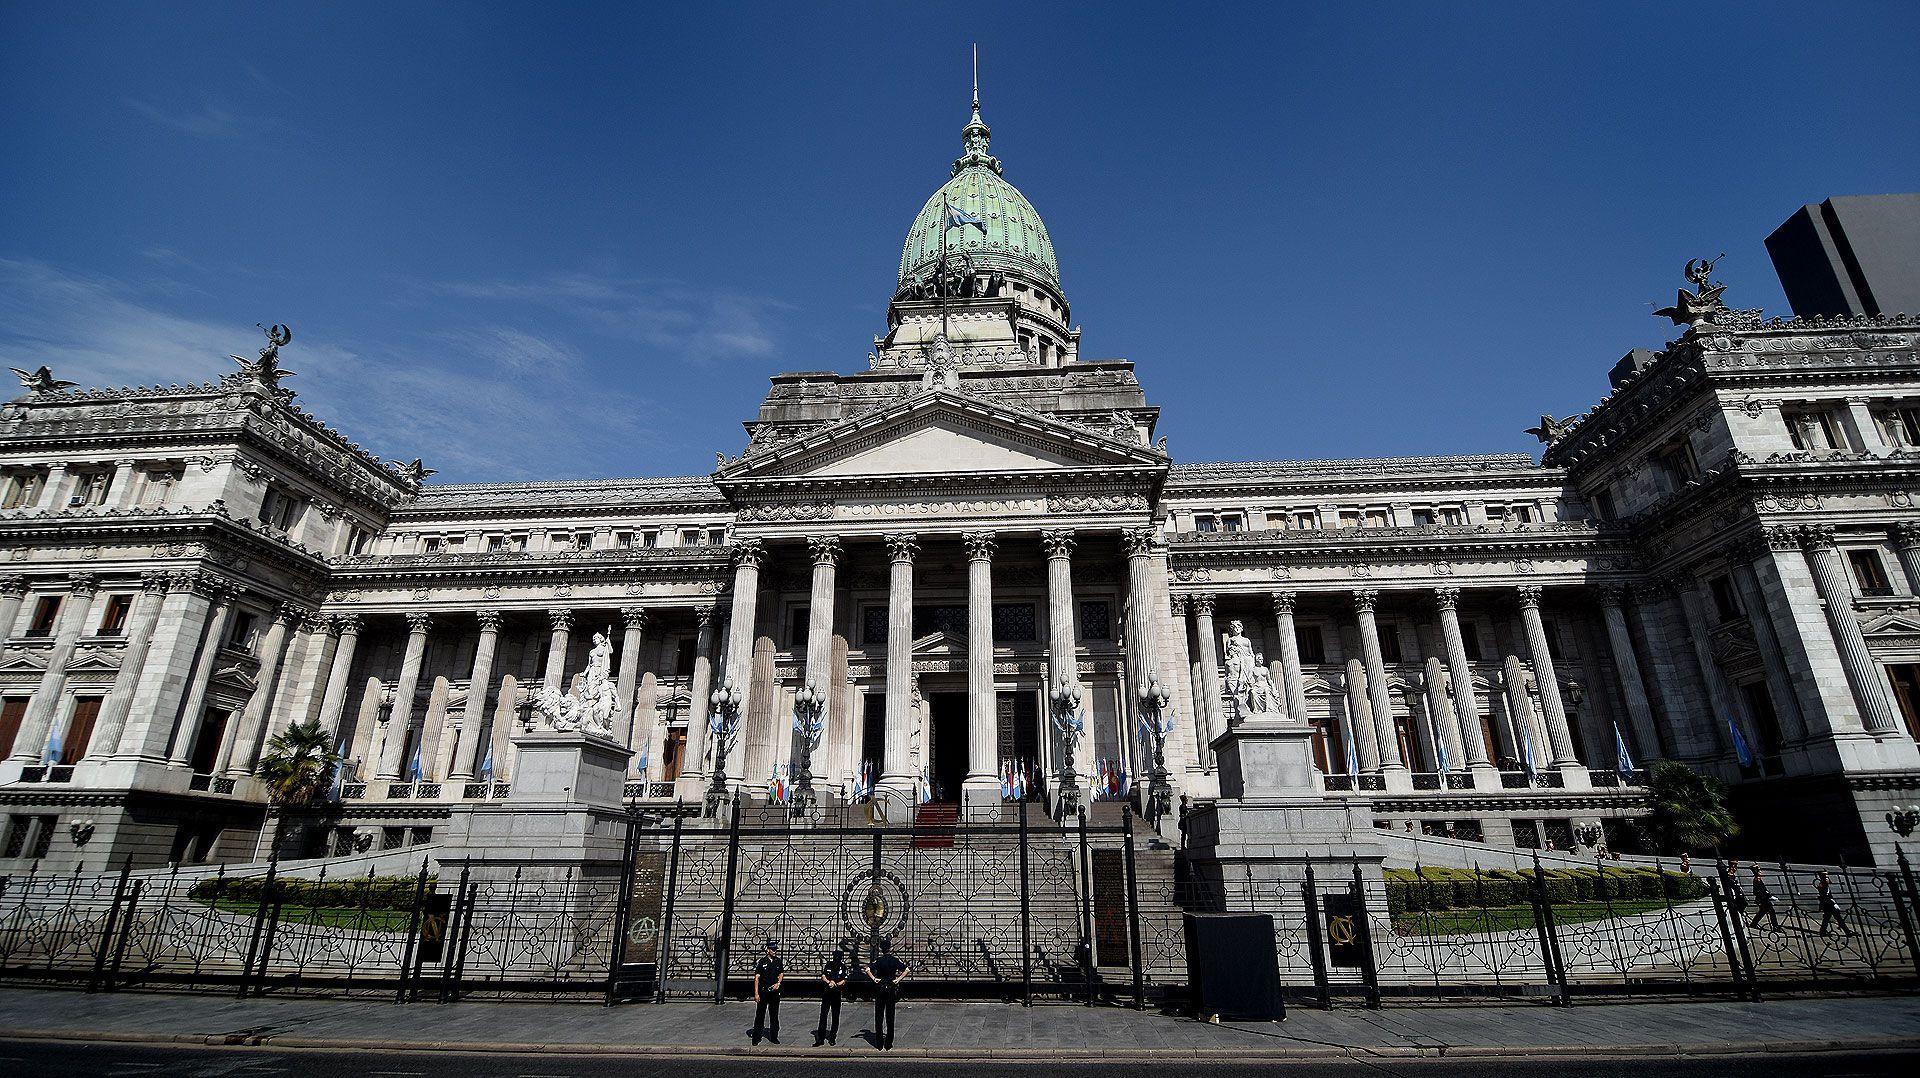 El Congreso de la Nación renueva diputados y senadores (Nicolás Stulberg)